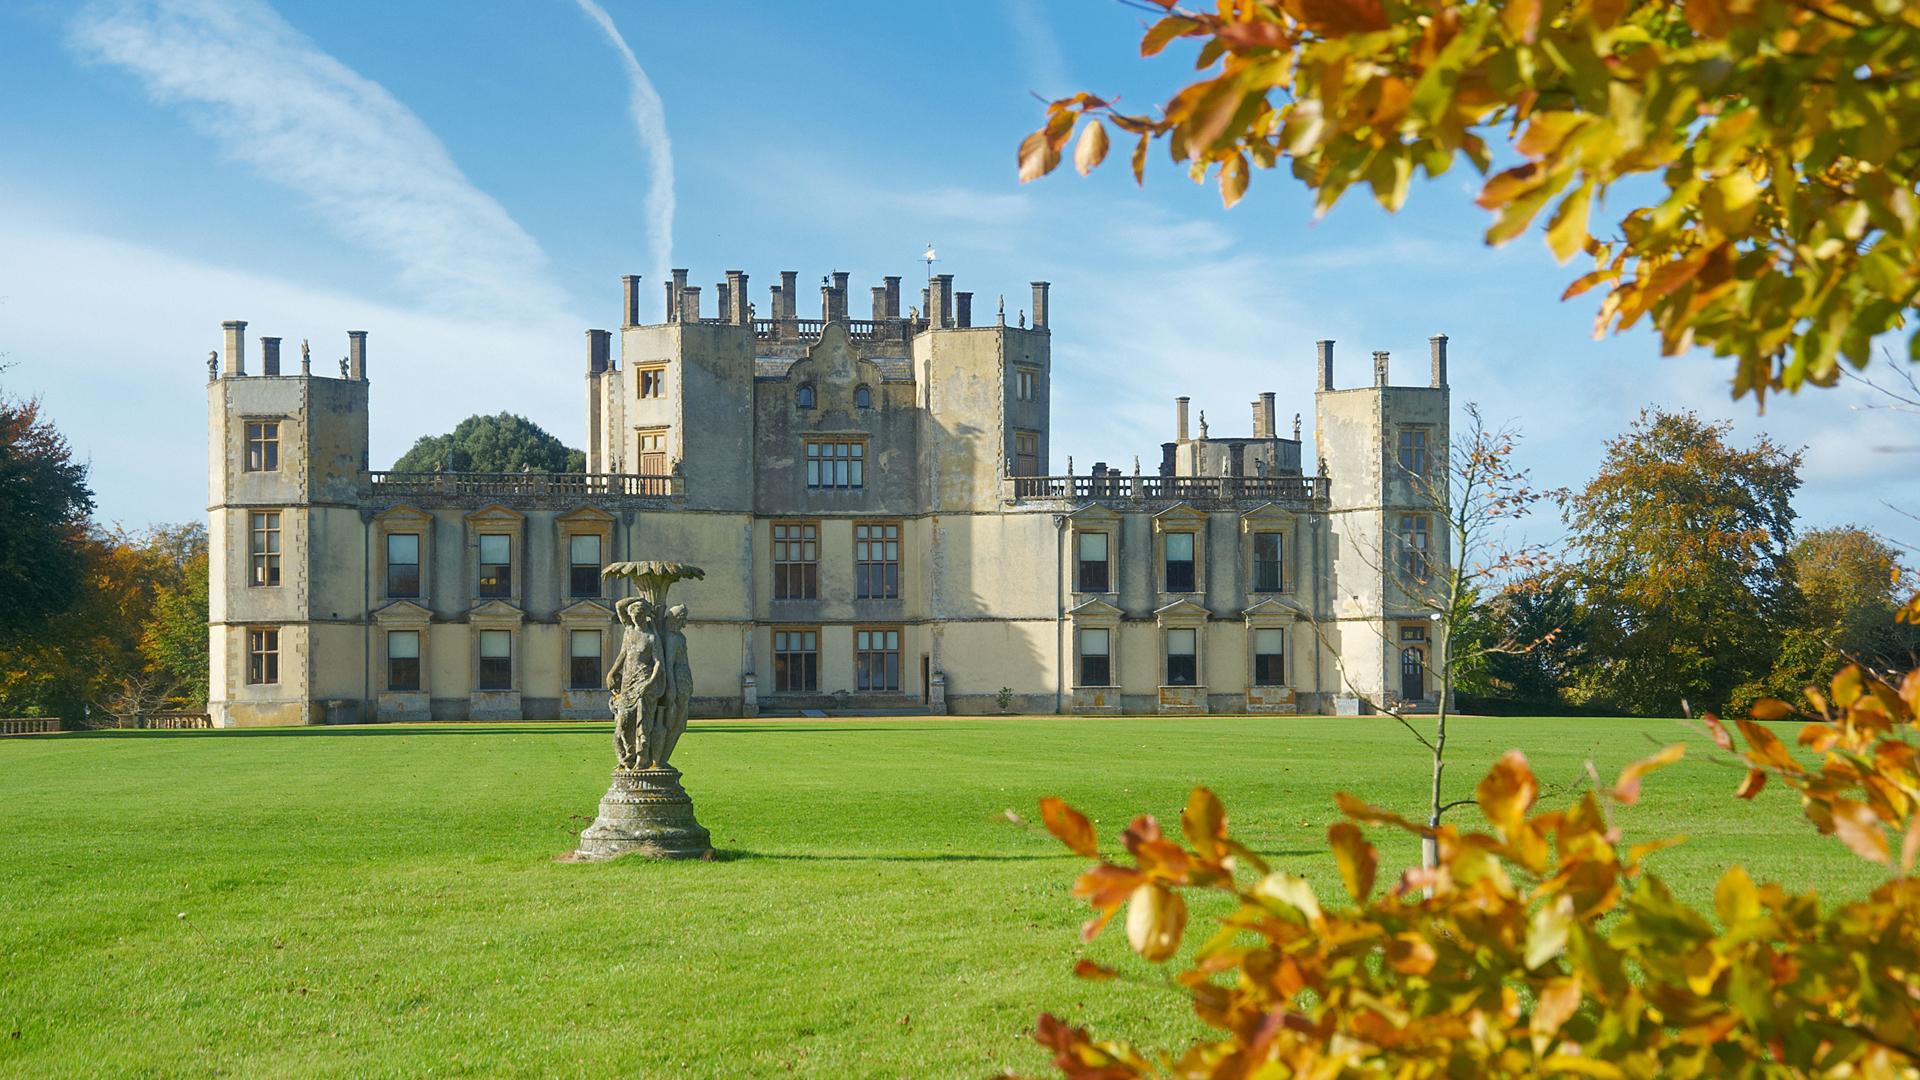 Visit: Sherborne Castle